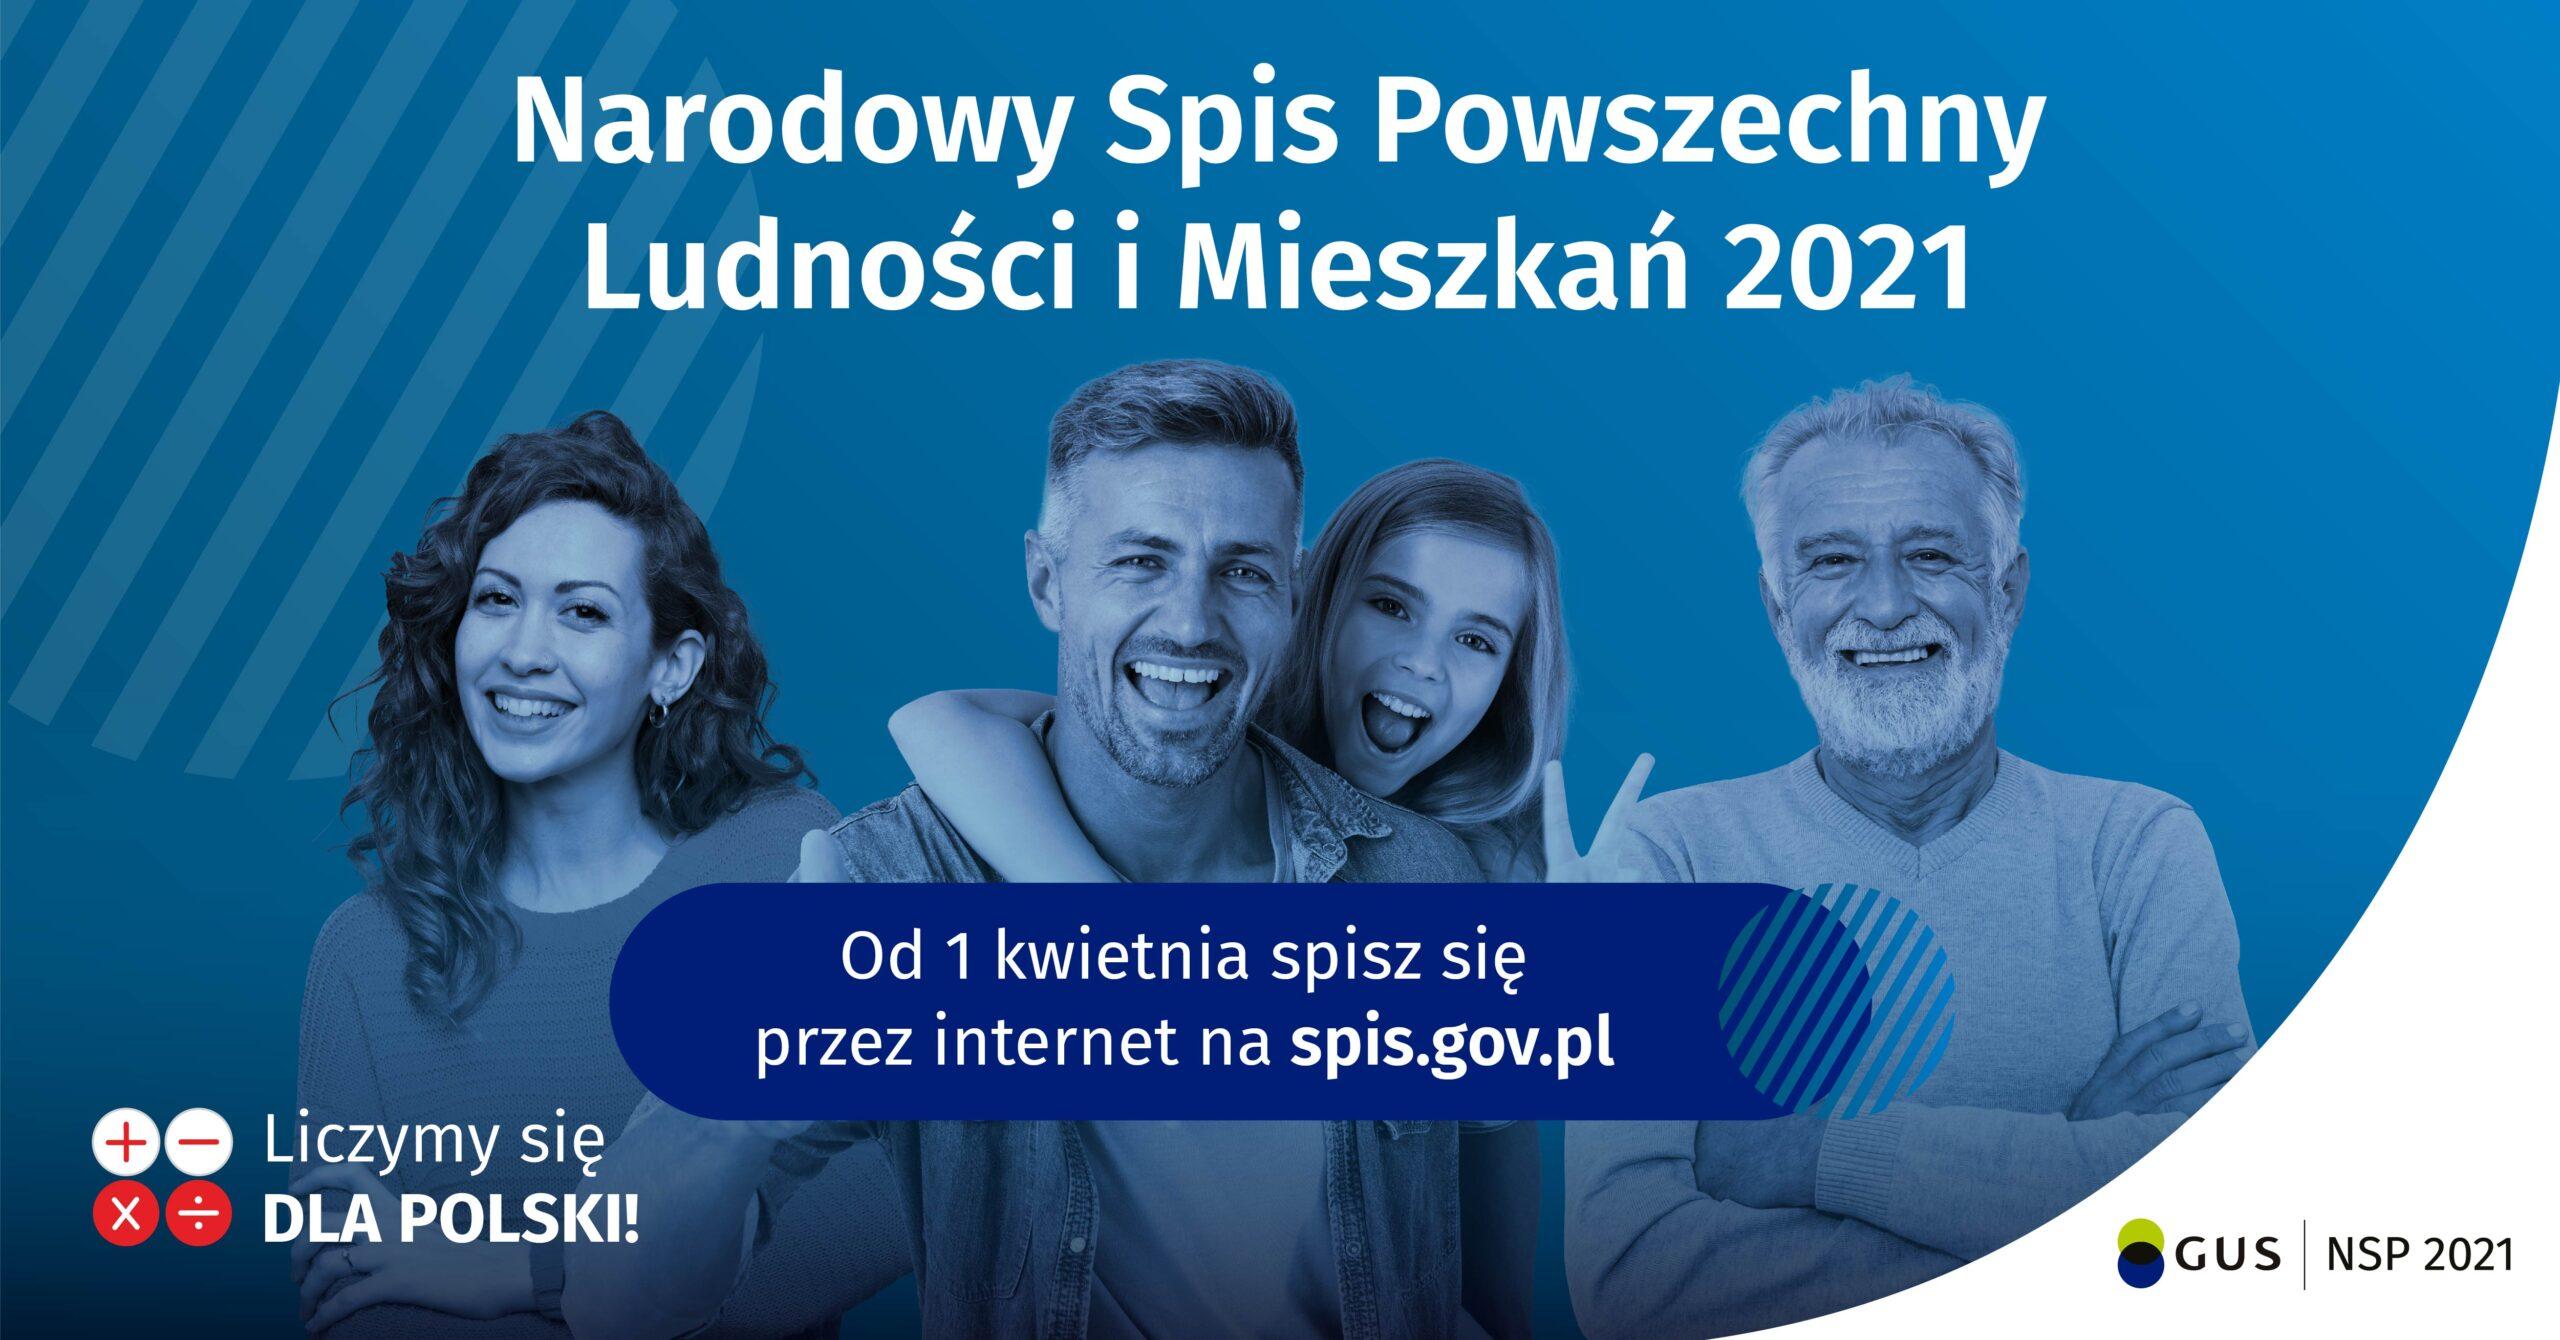 Narodowy Spis Powszechny Ludności i Mieszkań 2021 plakat